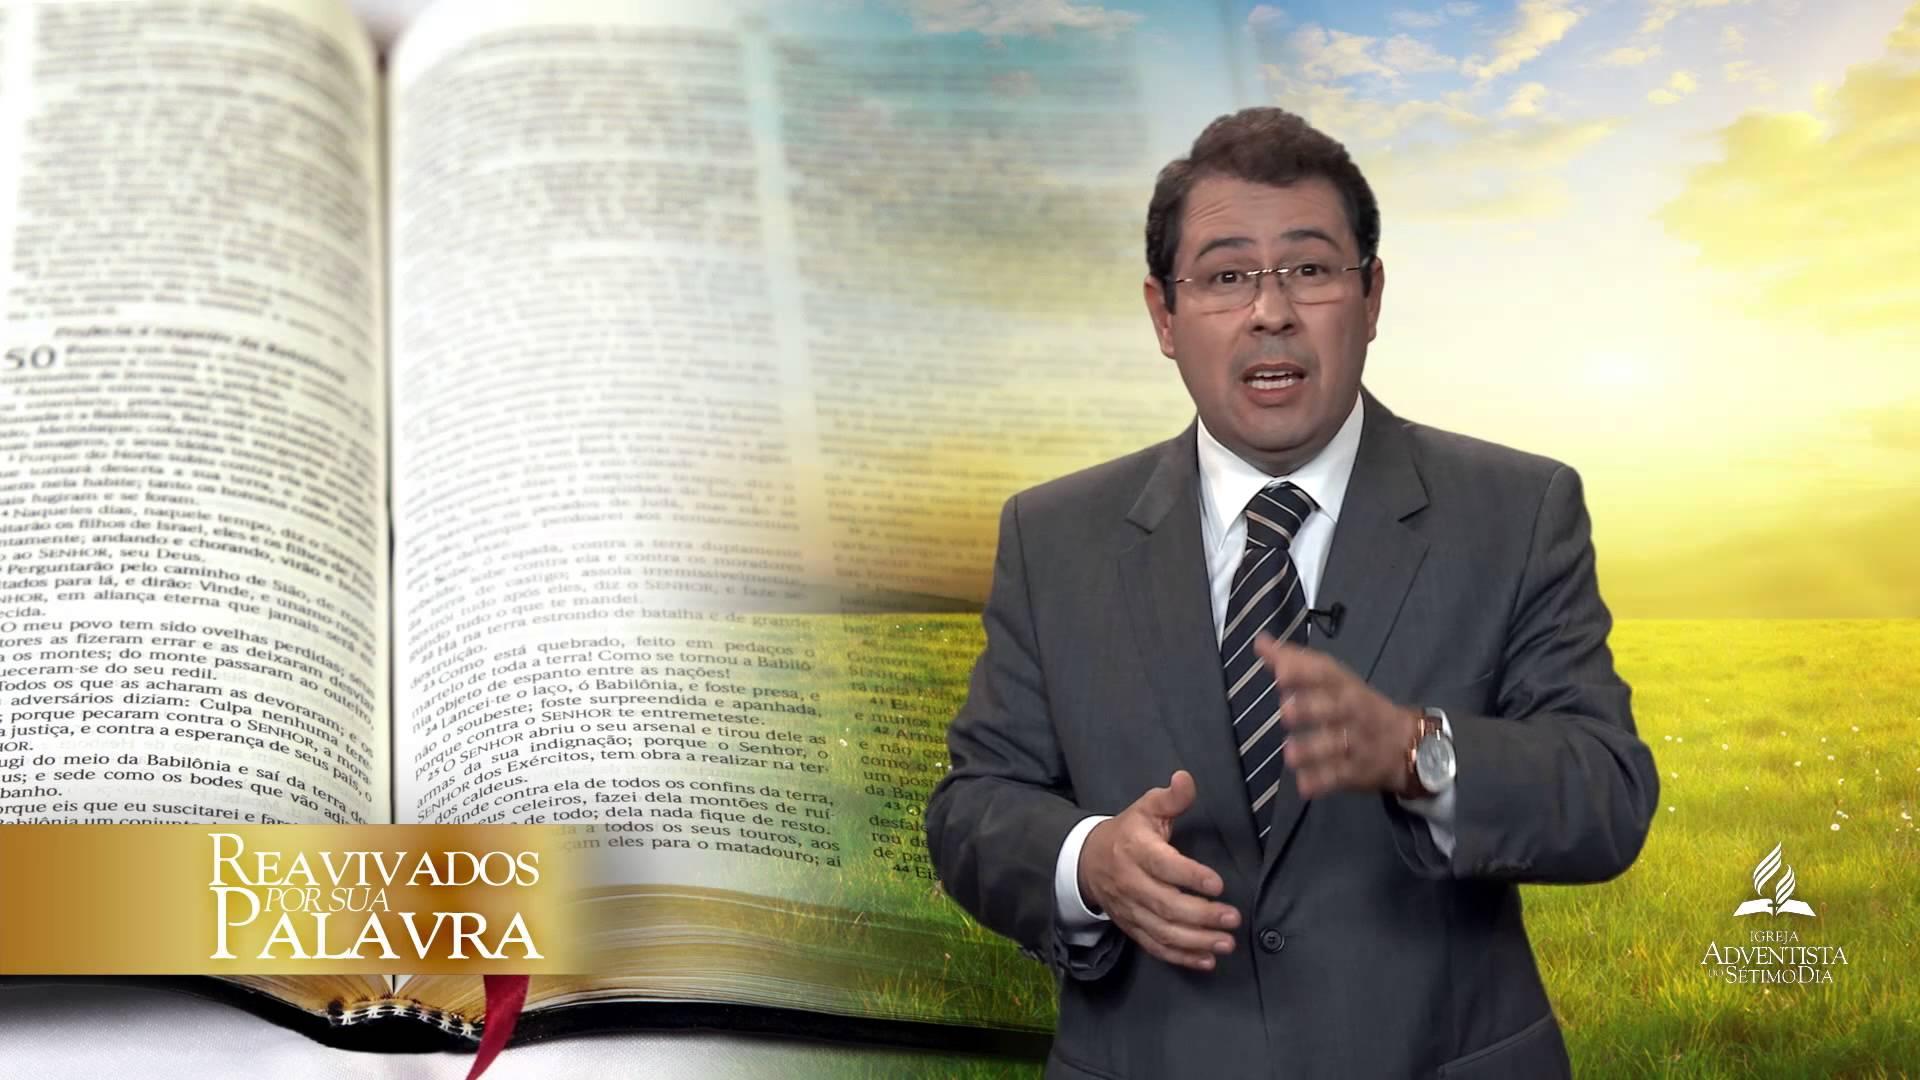 I Samuel – RPSP – Plano de Leitura da Bíblia da Igreja Adventista